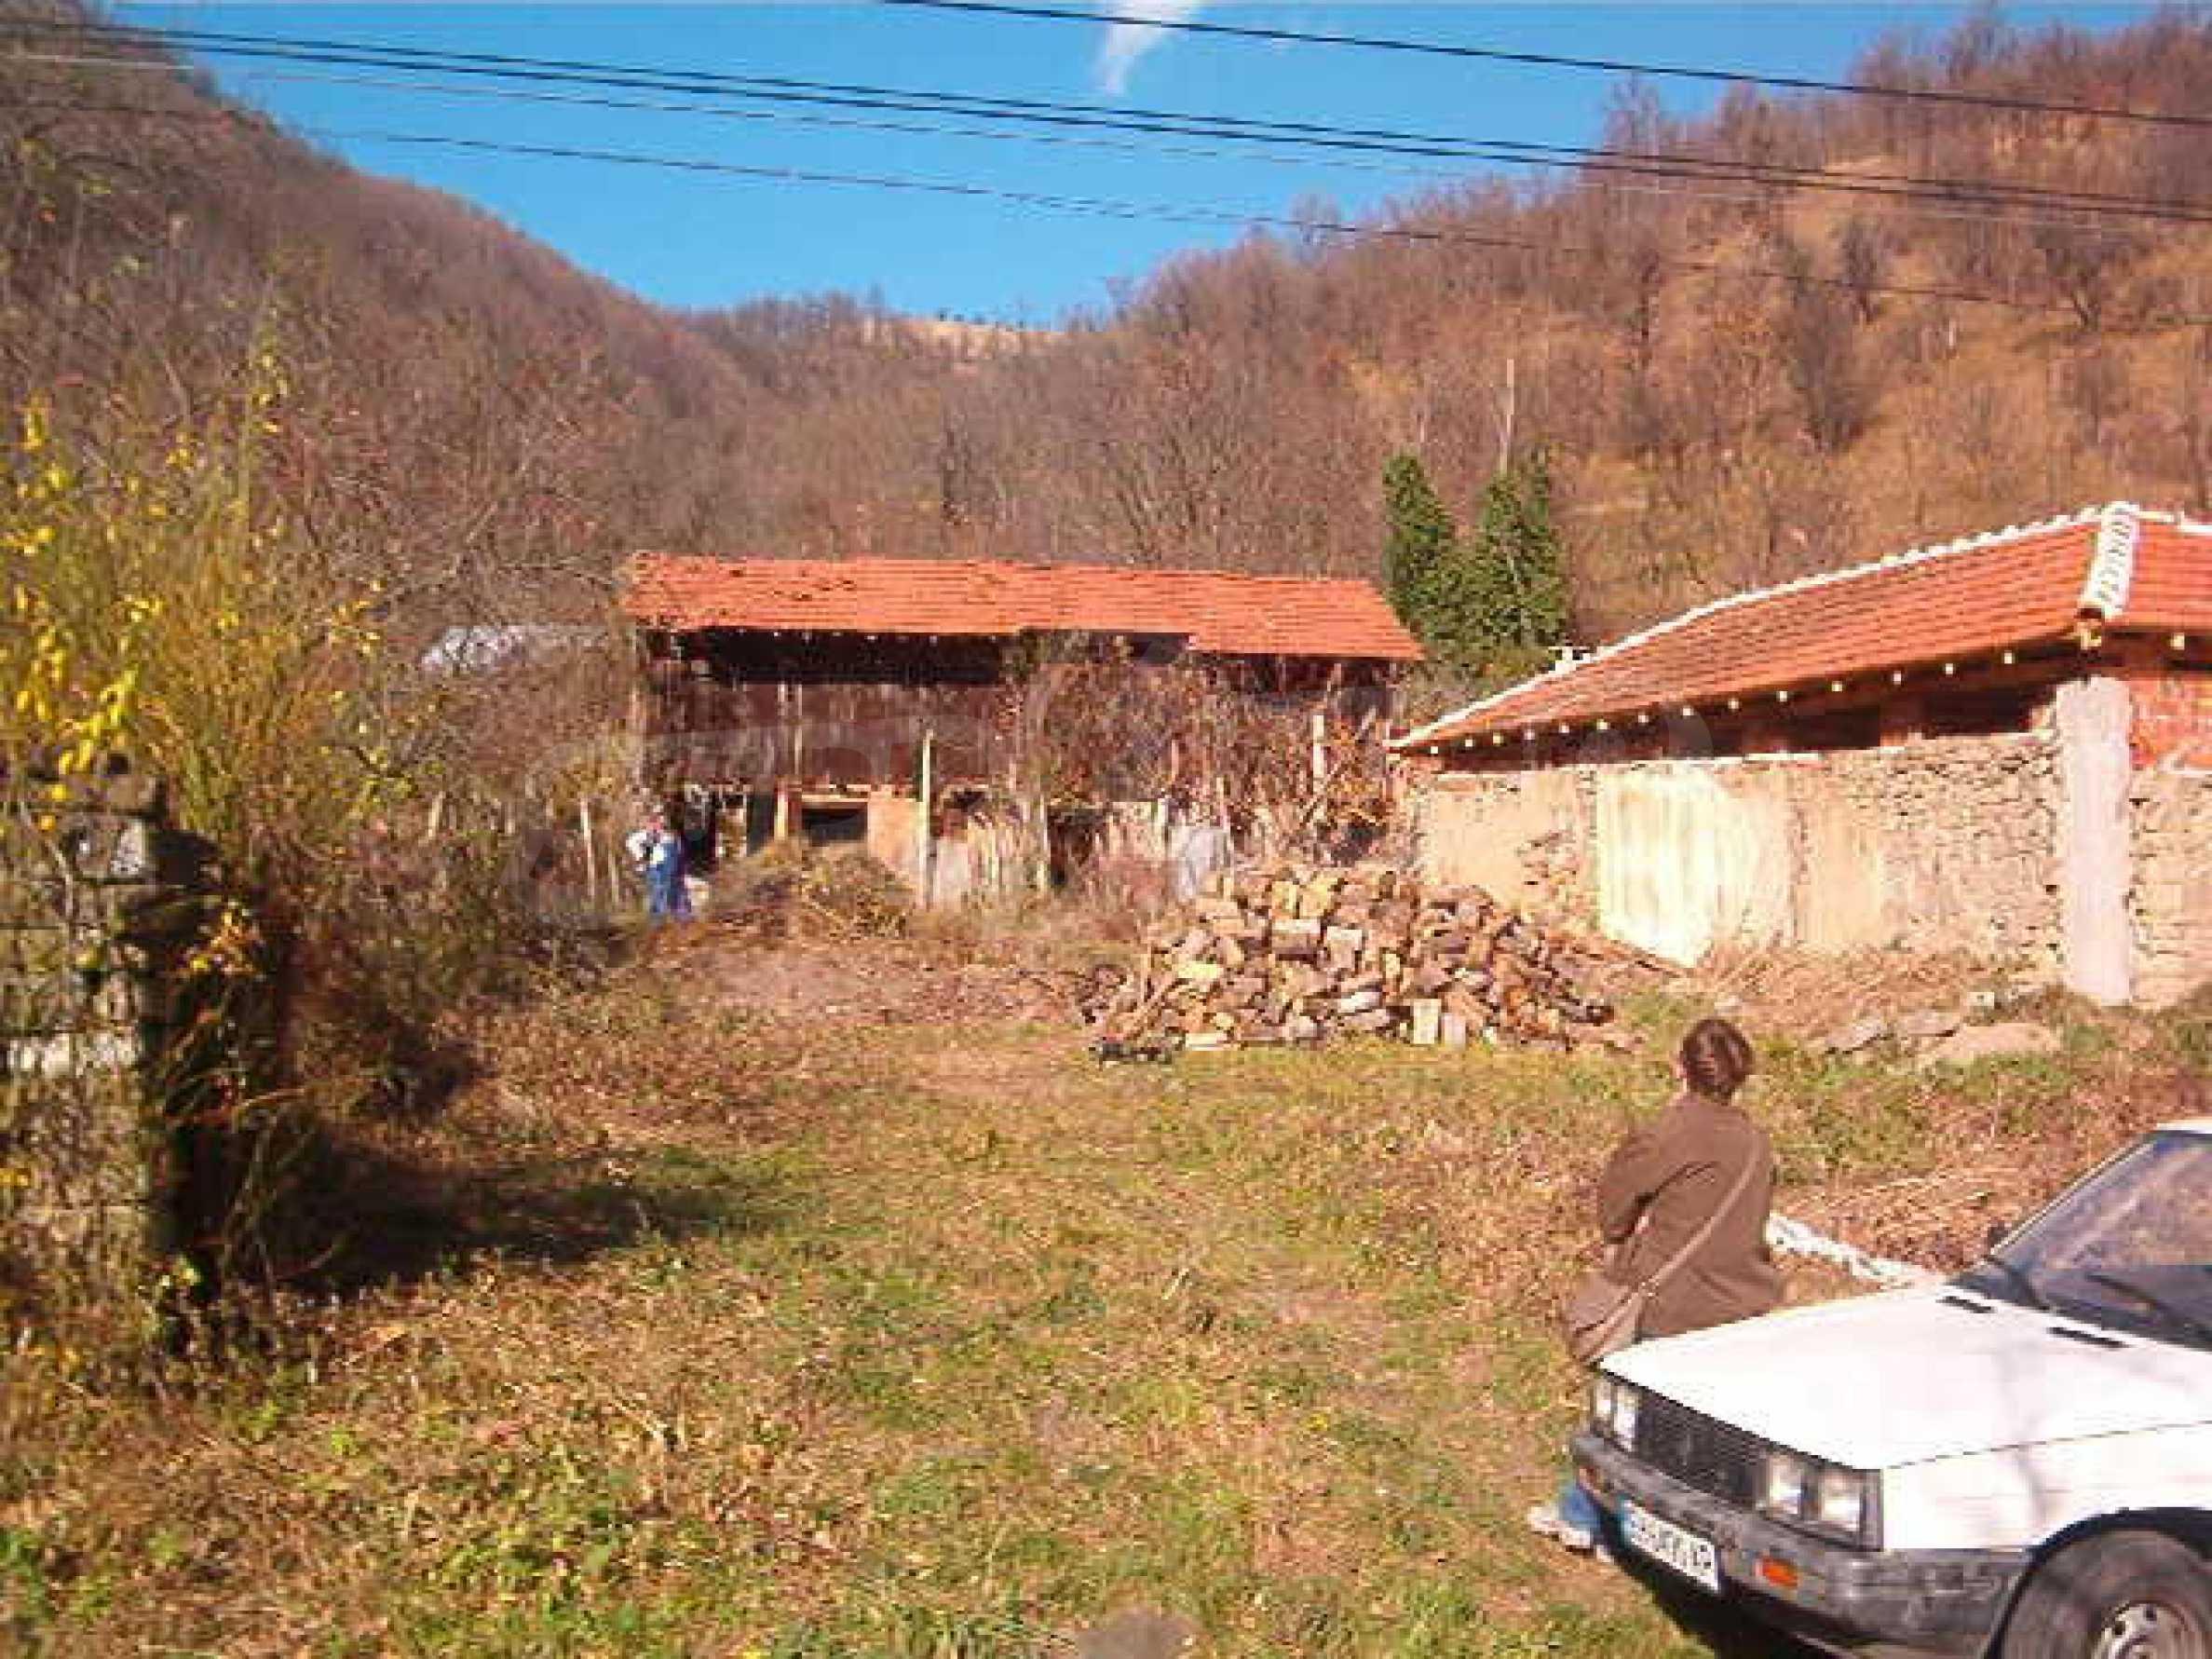 Grundstück zum Verkauf auf dem Balkan 2